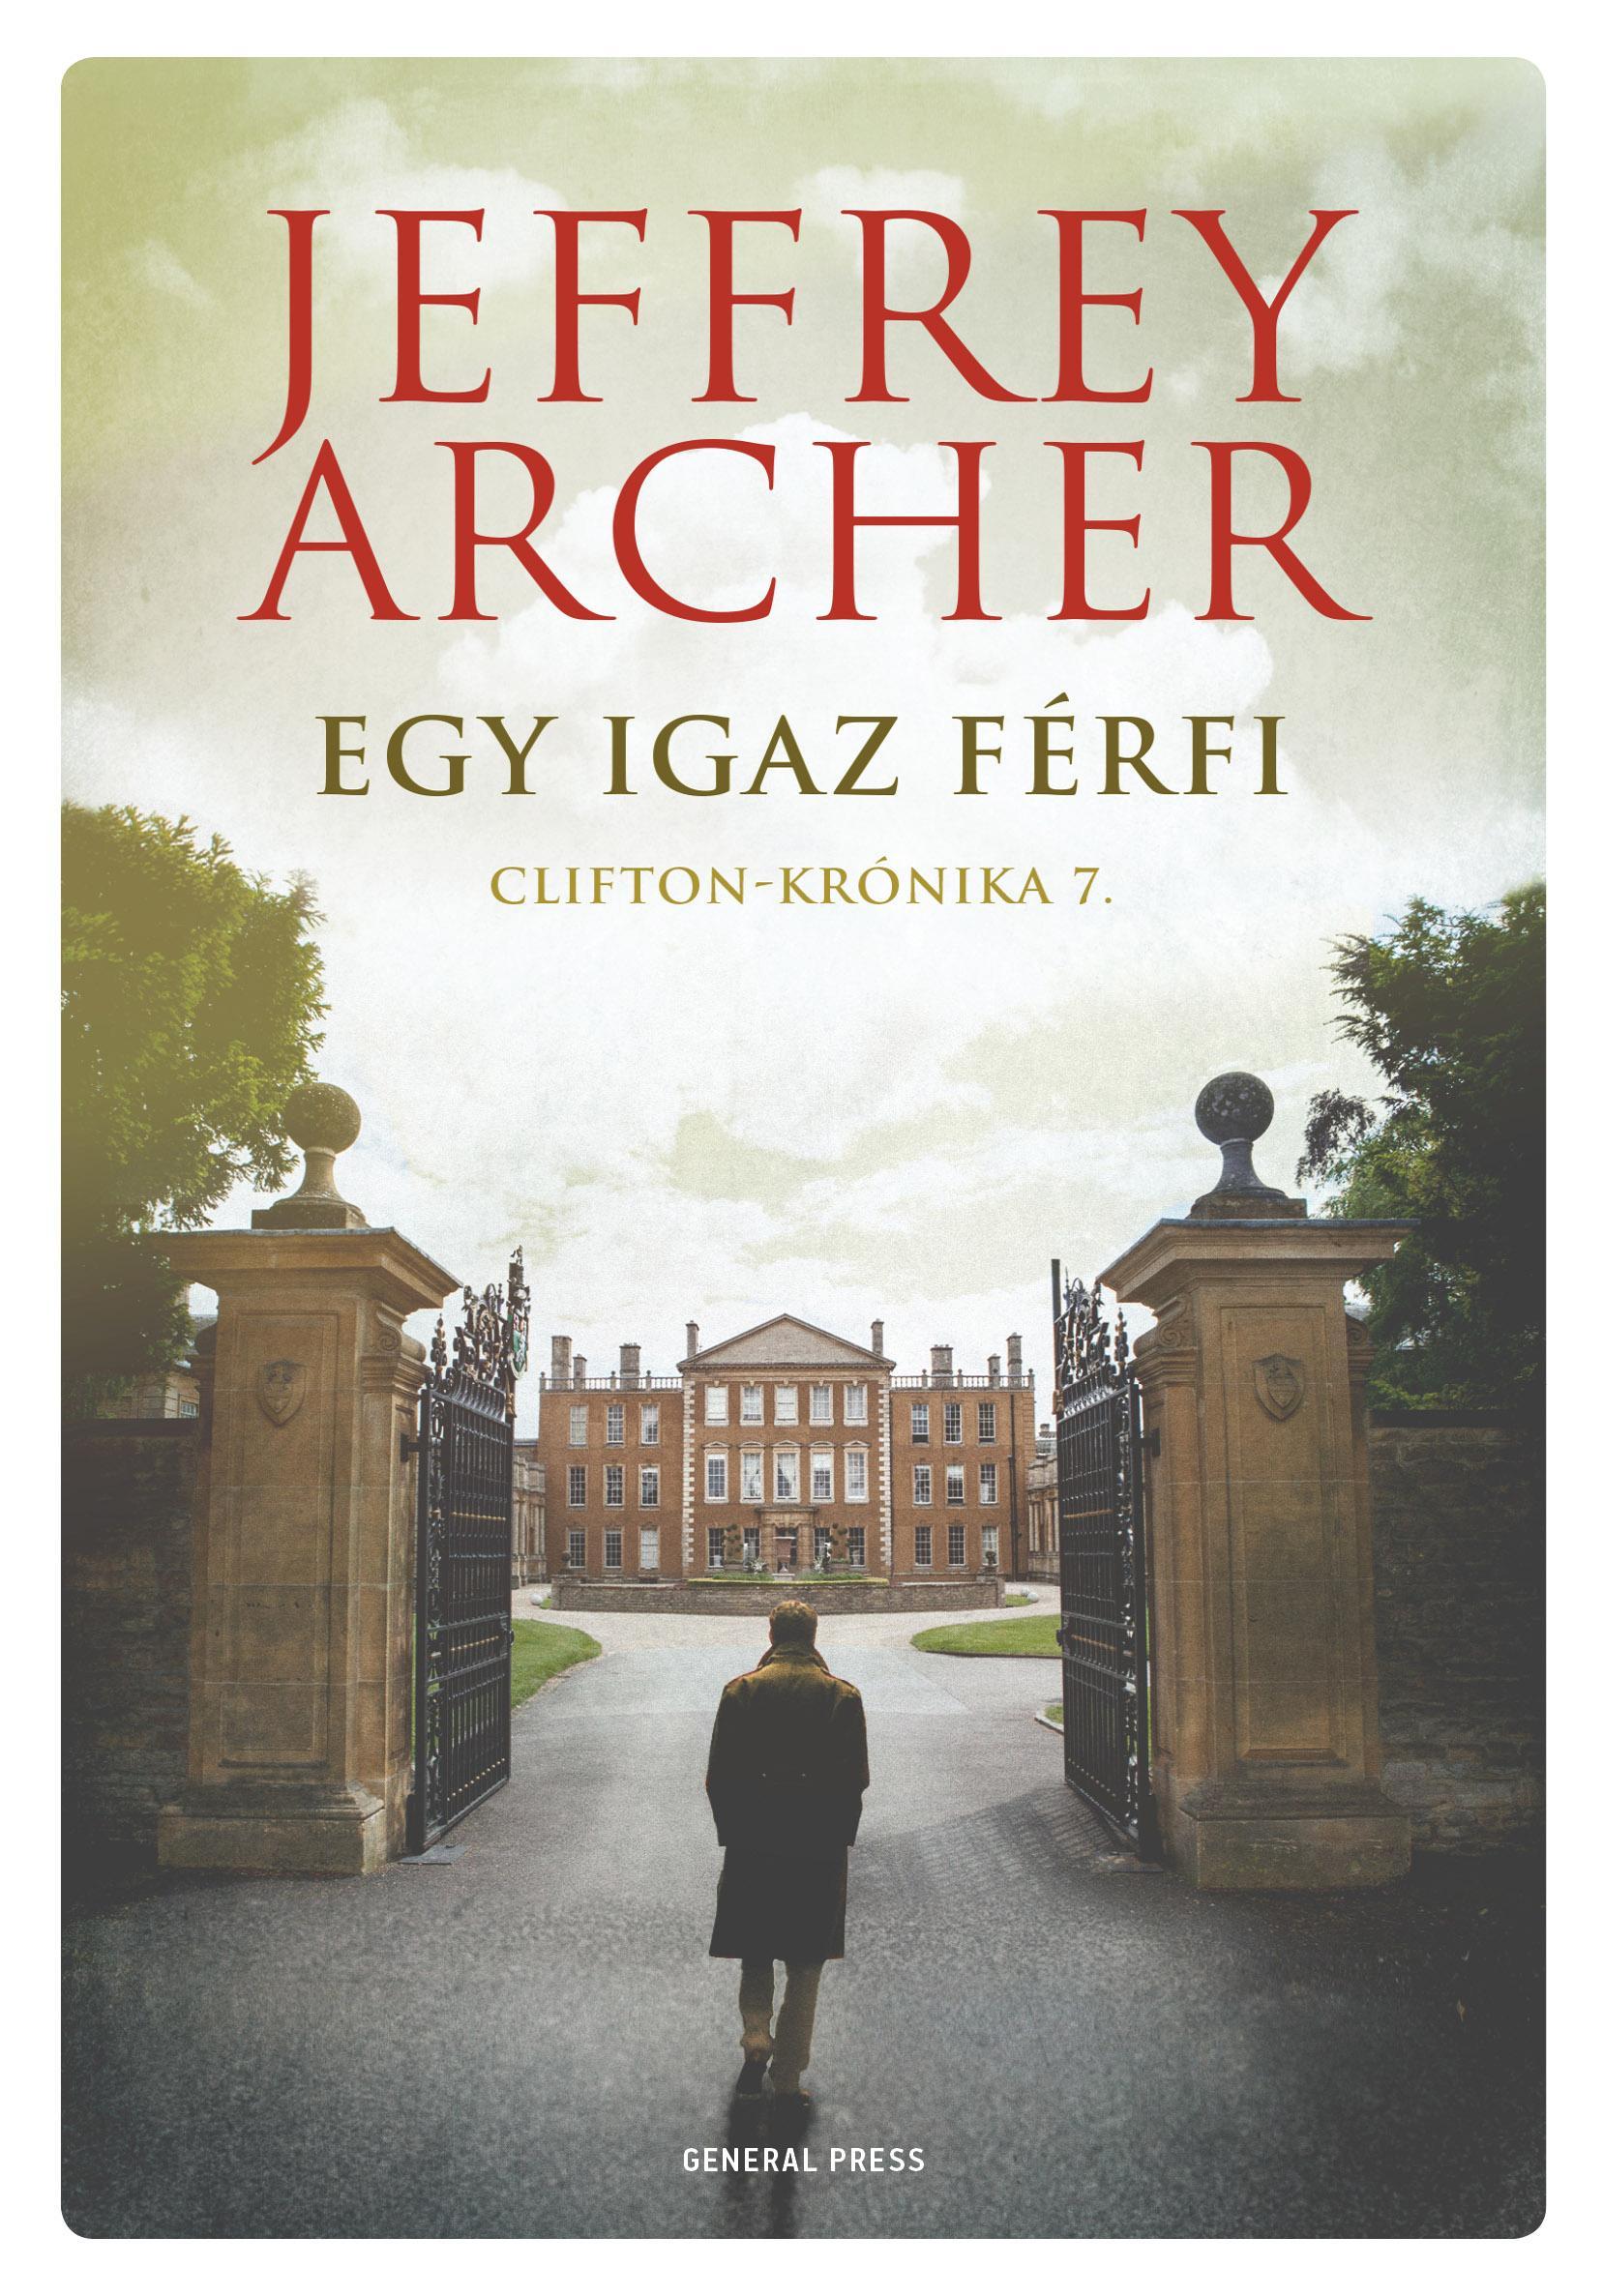 ARCHER, JEFFREY - EGY IGAZ FÉRFI - CLIFTON-KRÓNIKA 7.